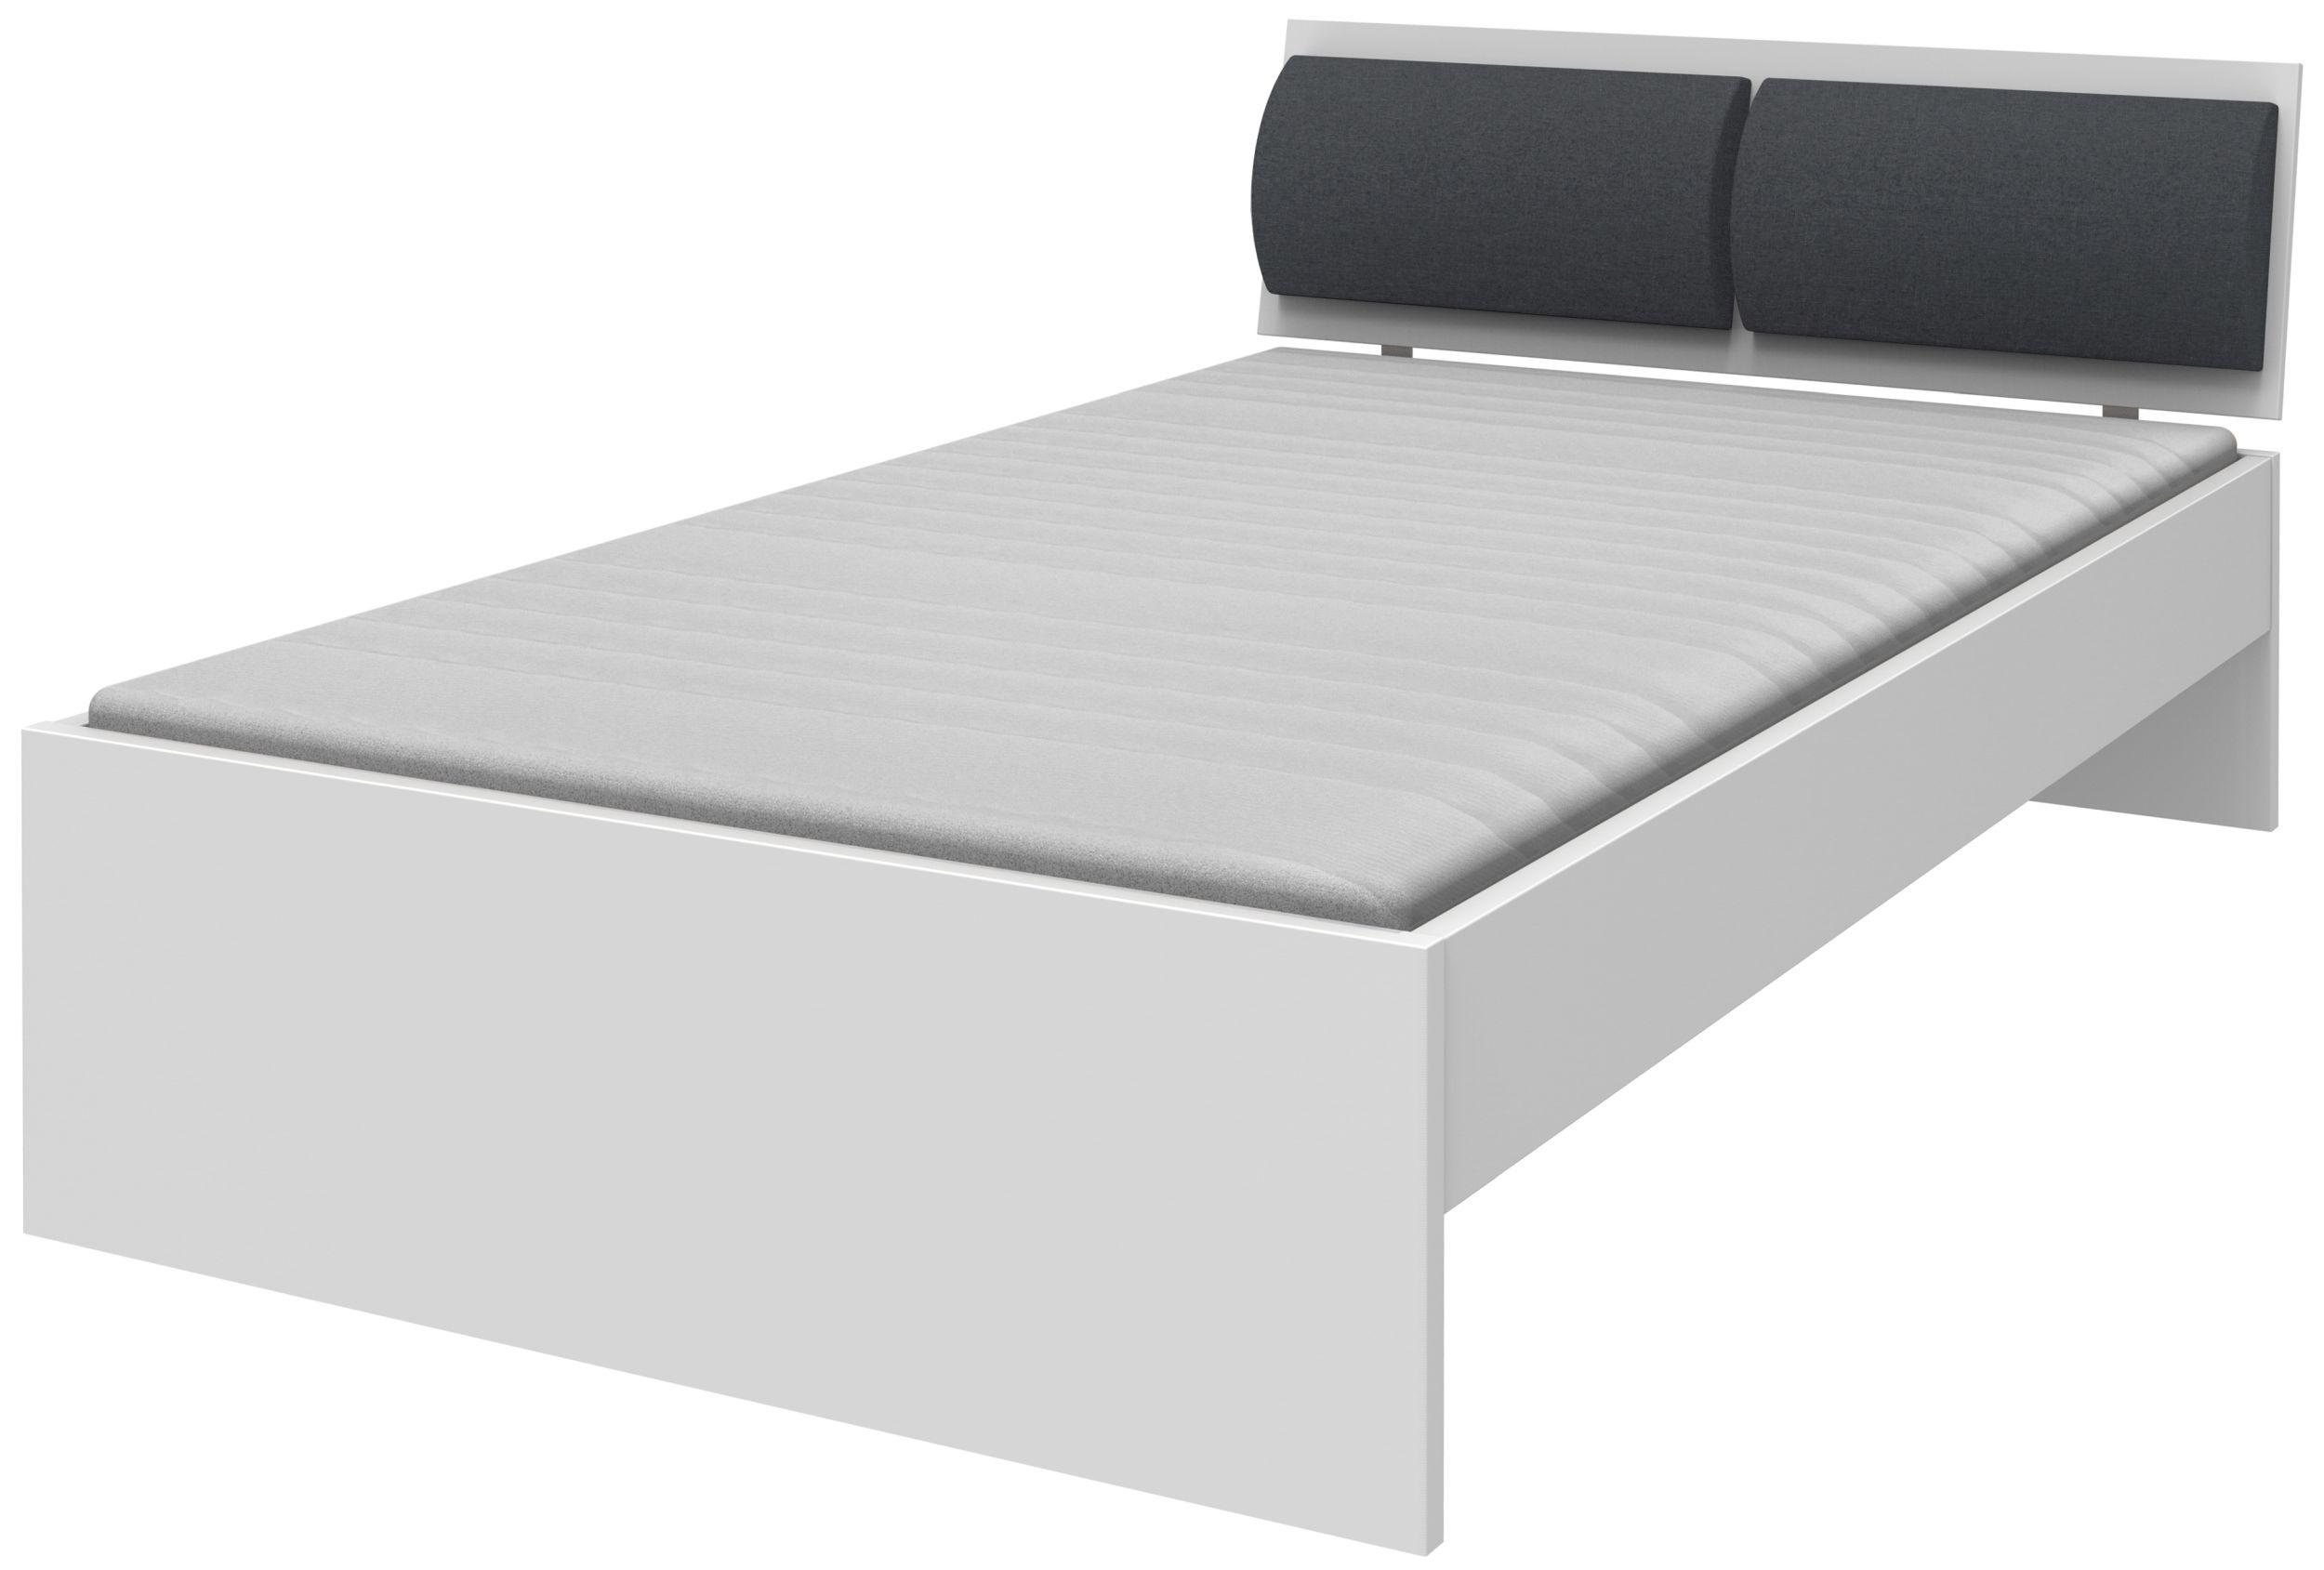 Weisses Bett Mit Polsterkopfteil In Grau Liegeflache Ca 120x200 Cm